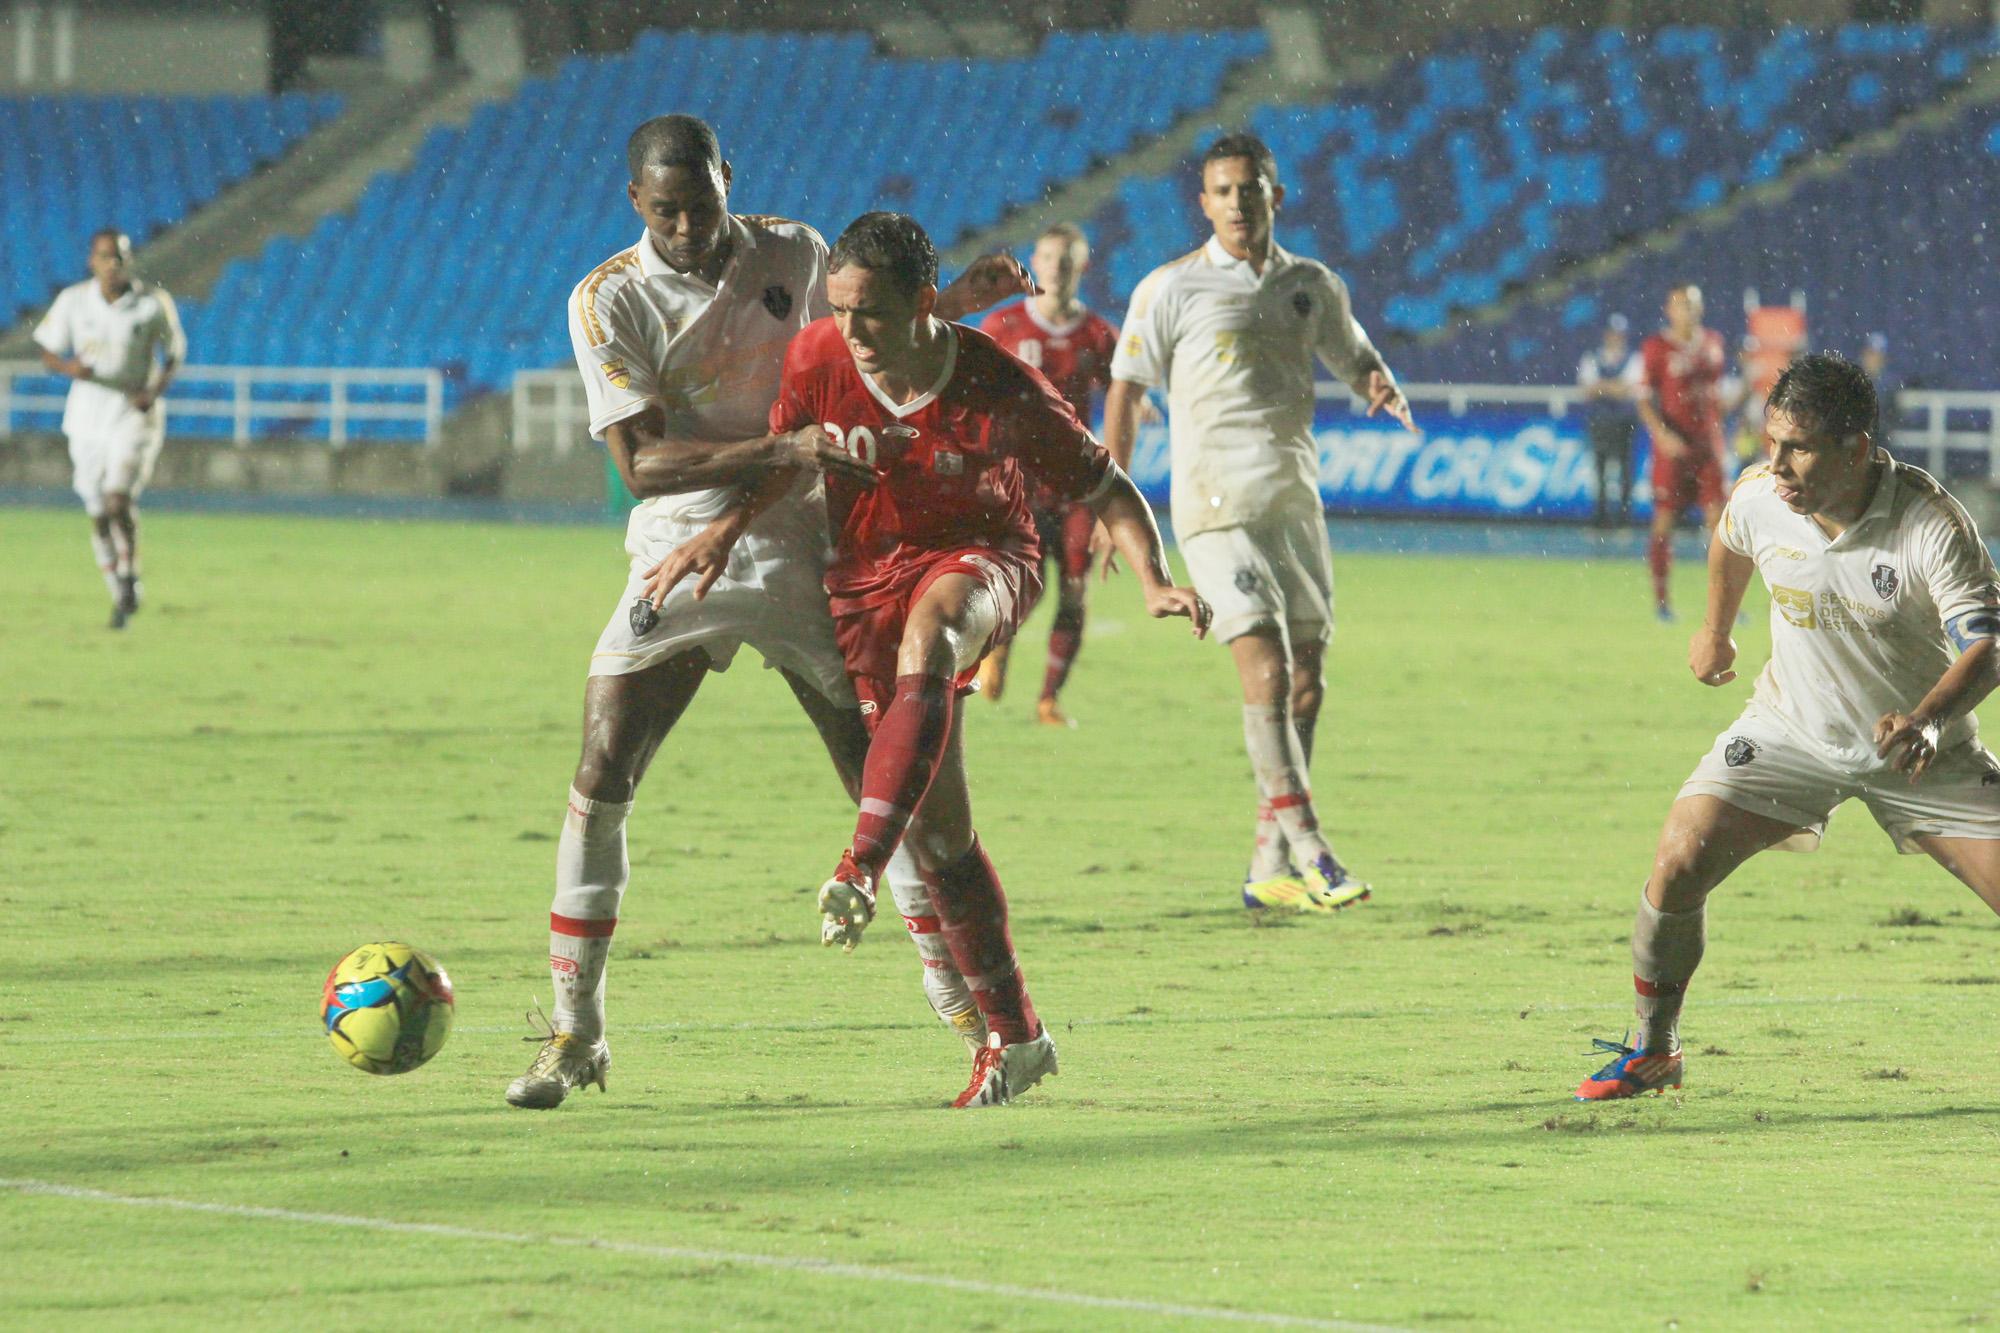 El empate 1-1 del América ante Fortaleza los ubica de segundos en el Ascenso